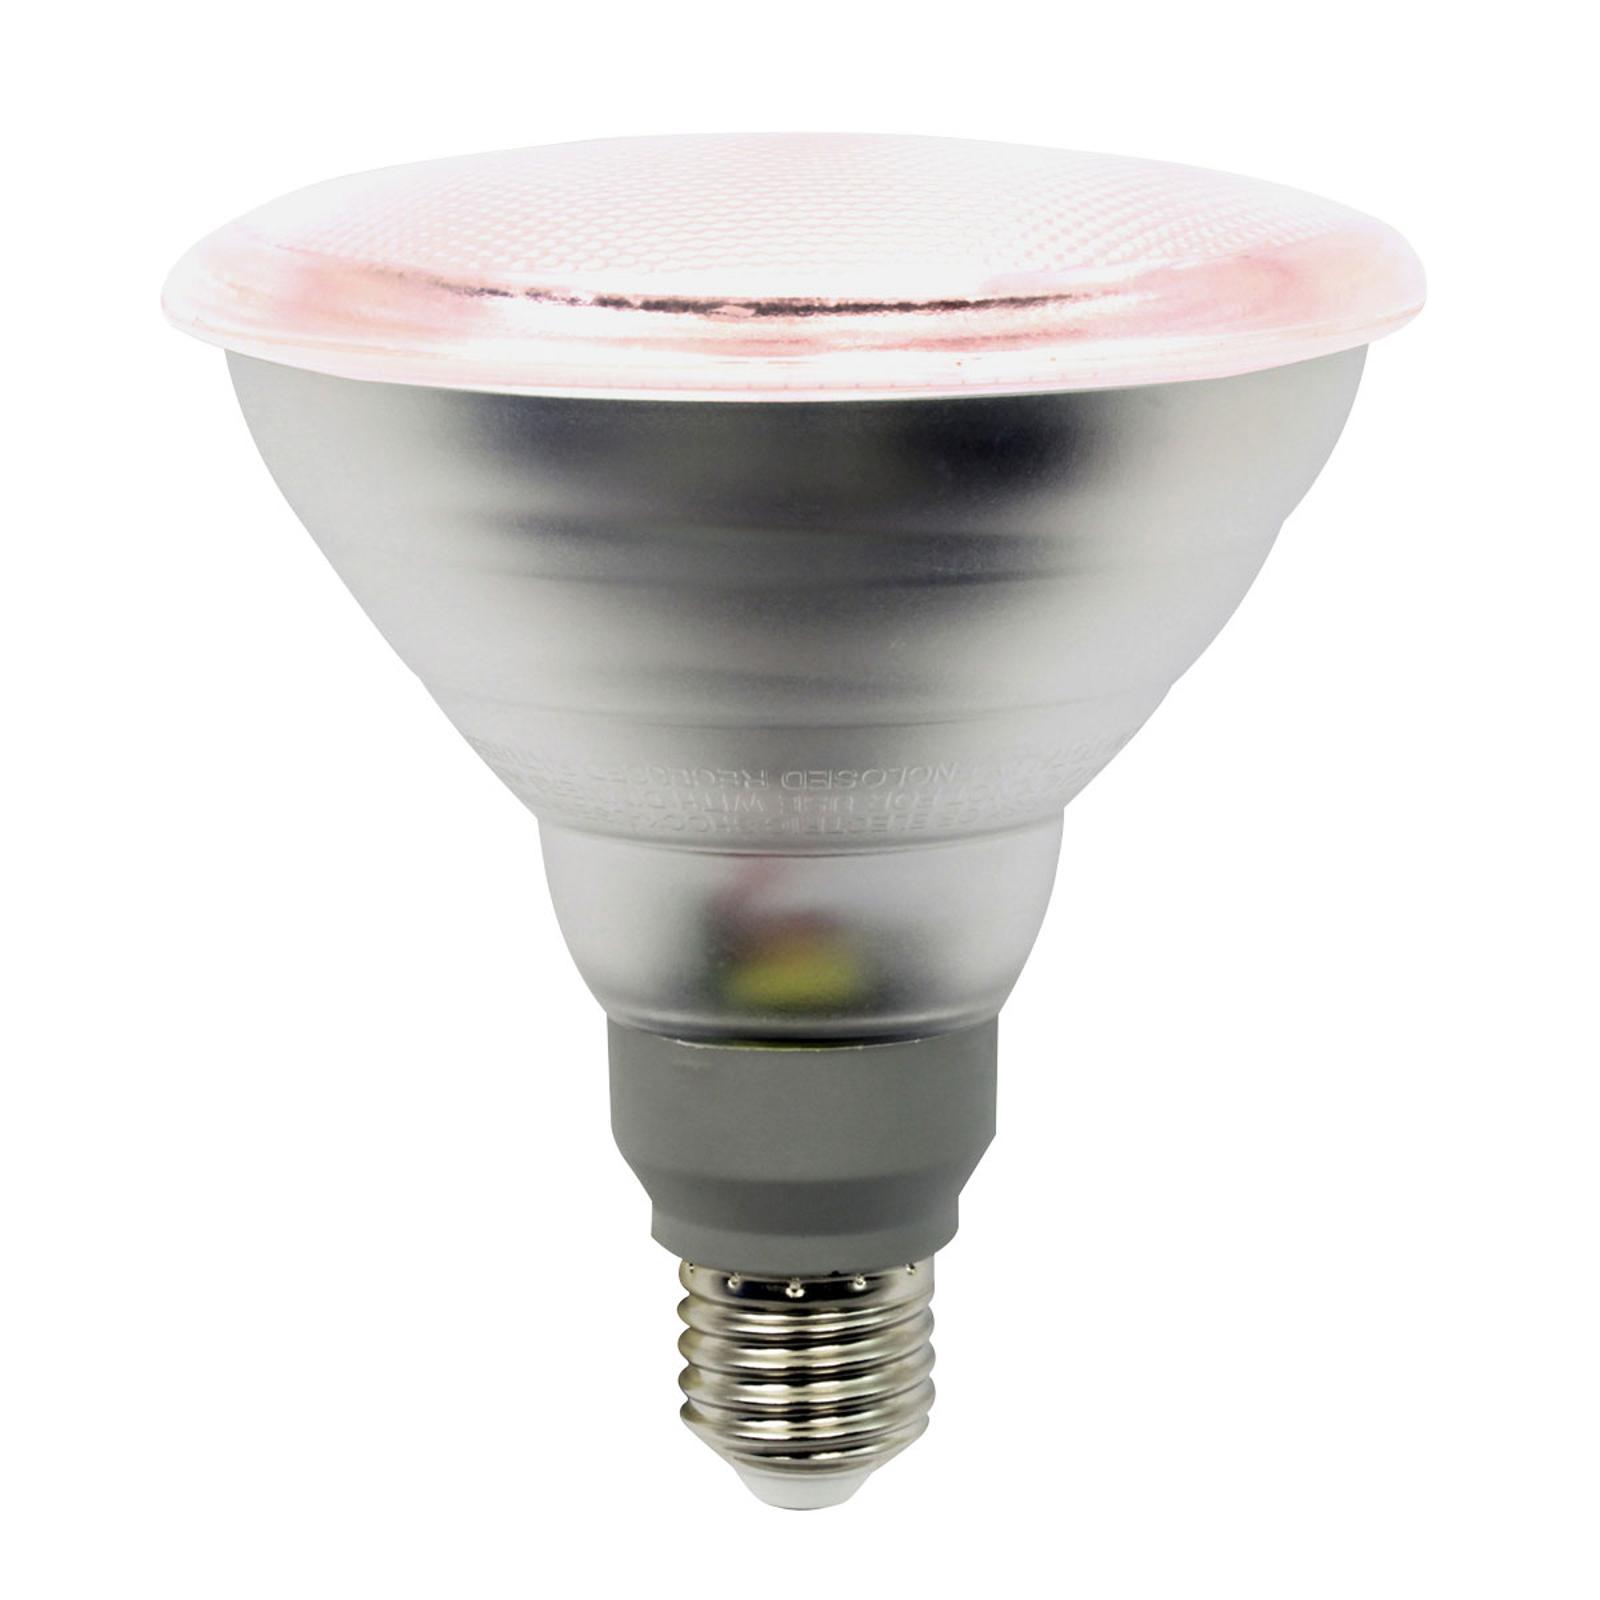 Lampa do doświetlania kwiatów E27 PAR38 12W 50°